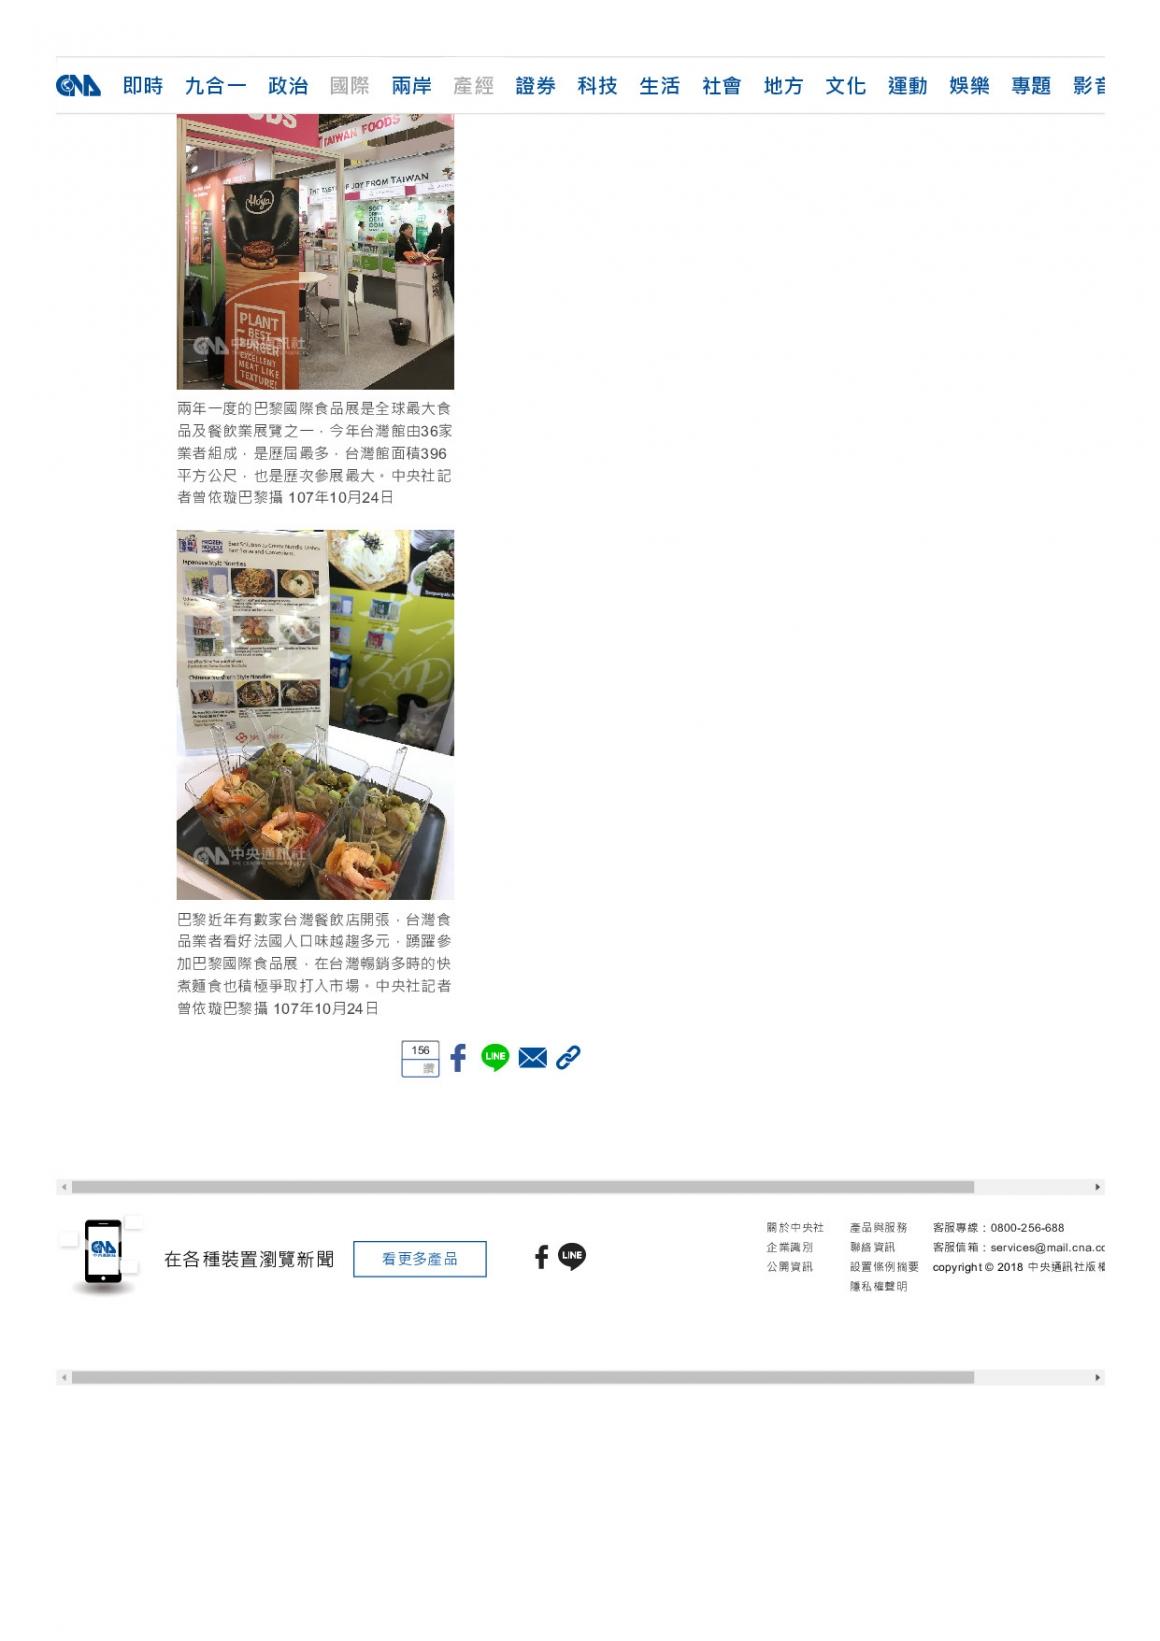 4.1.2台灣暢銷快煮麵搶進歐洲 業者看好法國市場 _ 產經 _ 中央社 CNA_003